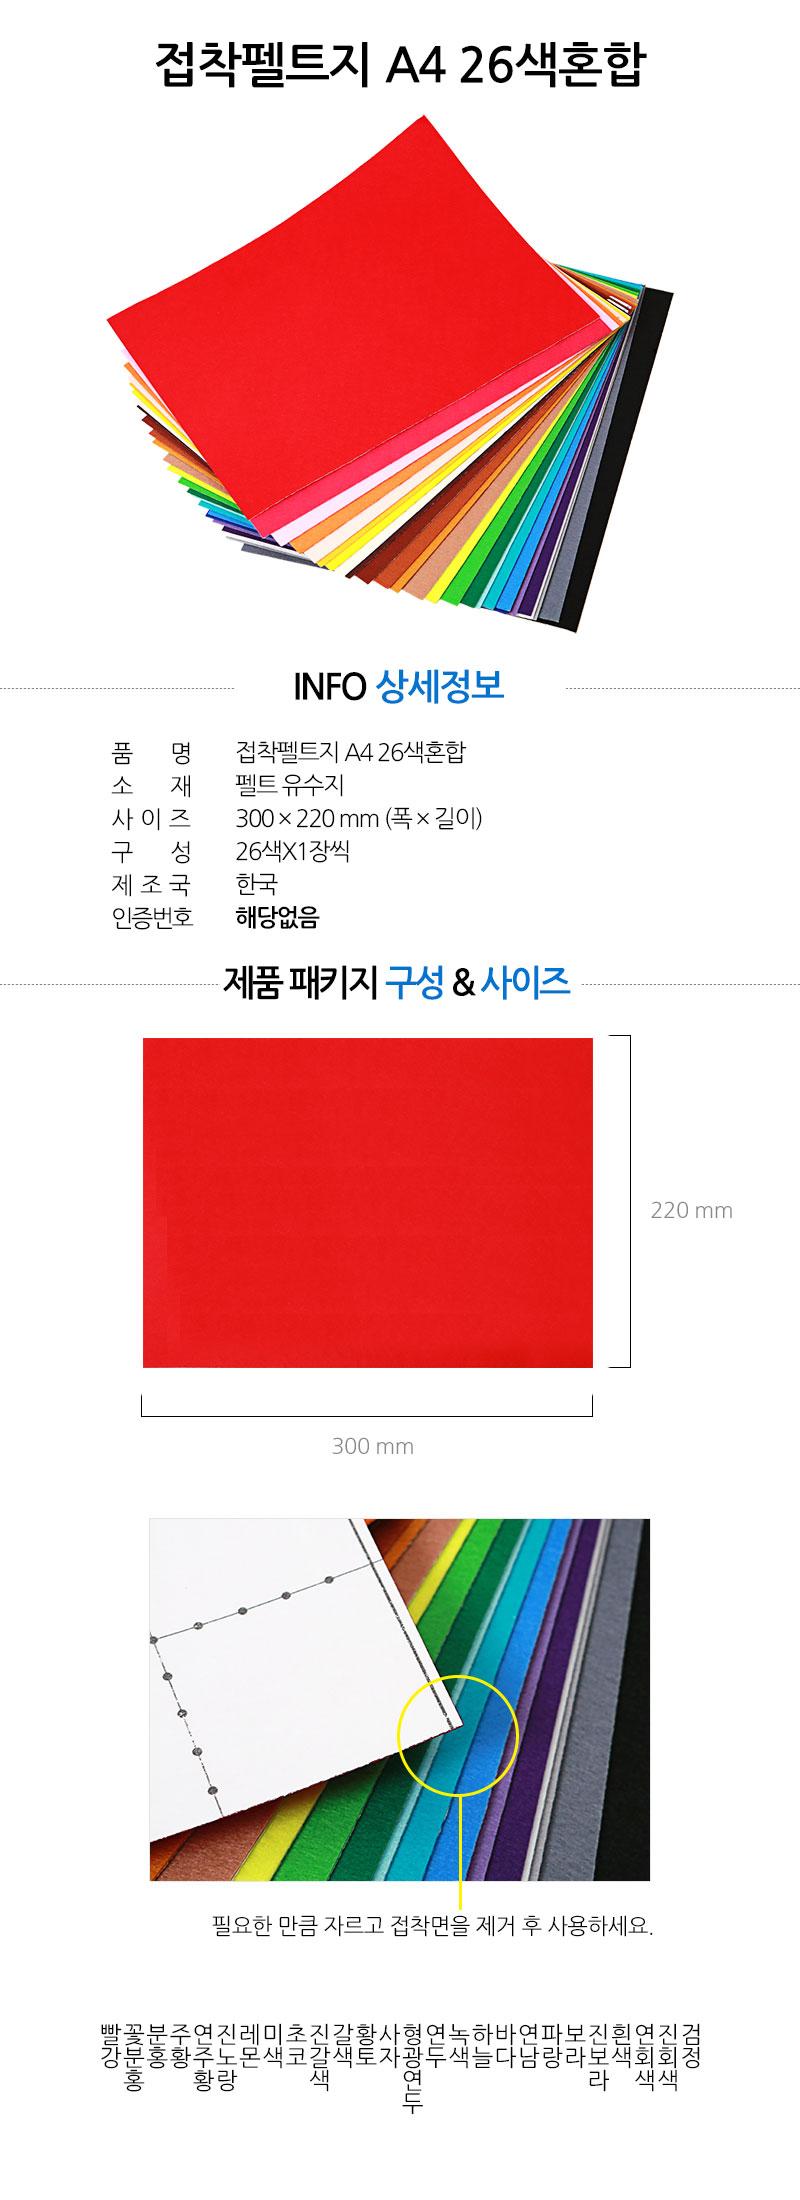 접착펠트지 A4 26색(혼합) - 킹콩박스, 17,000원, 화방지류, 디자인보드